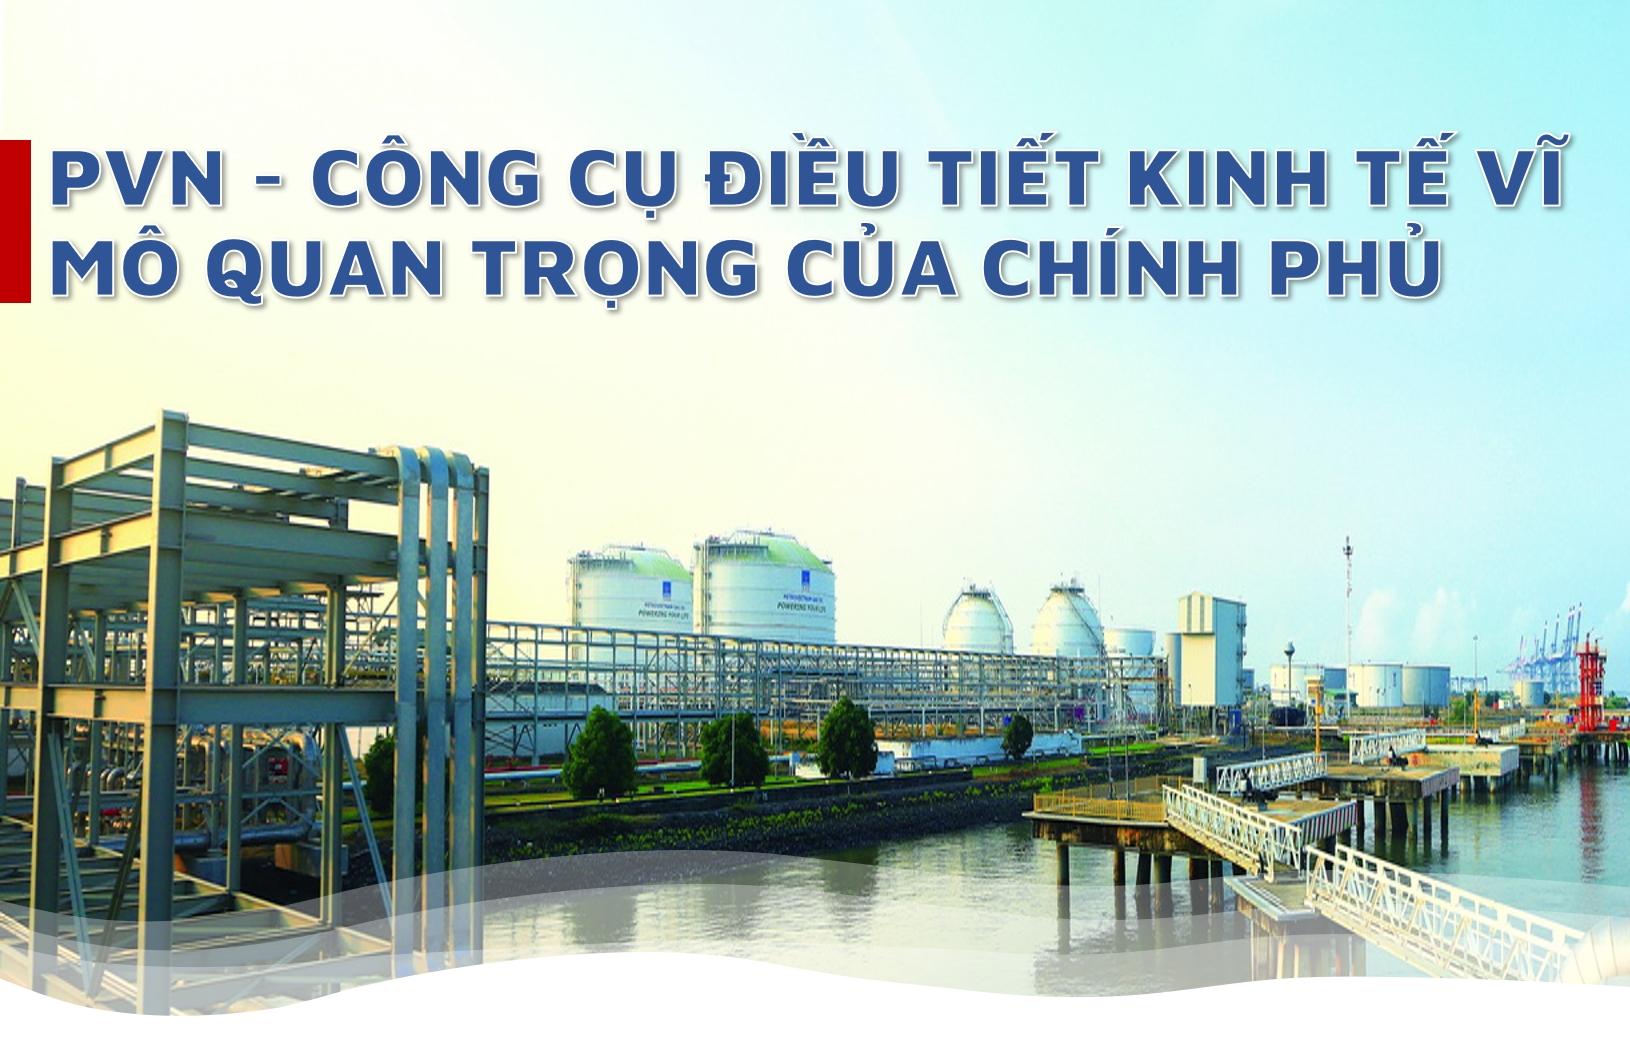 [E-magazine] PVN - Công cụ điều tiết kinh tế vĩ mô quan trọng của Chính phủ